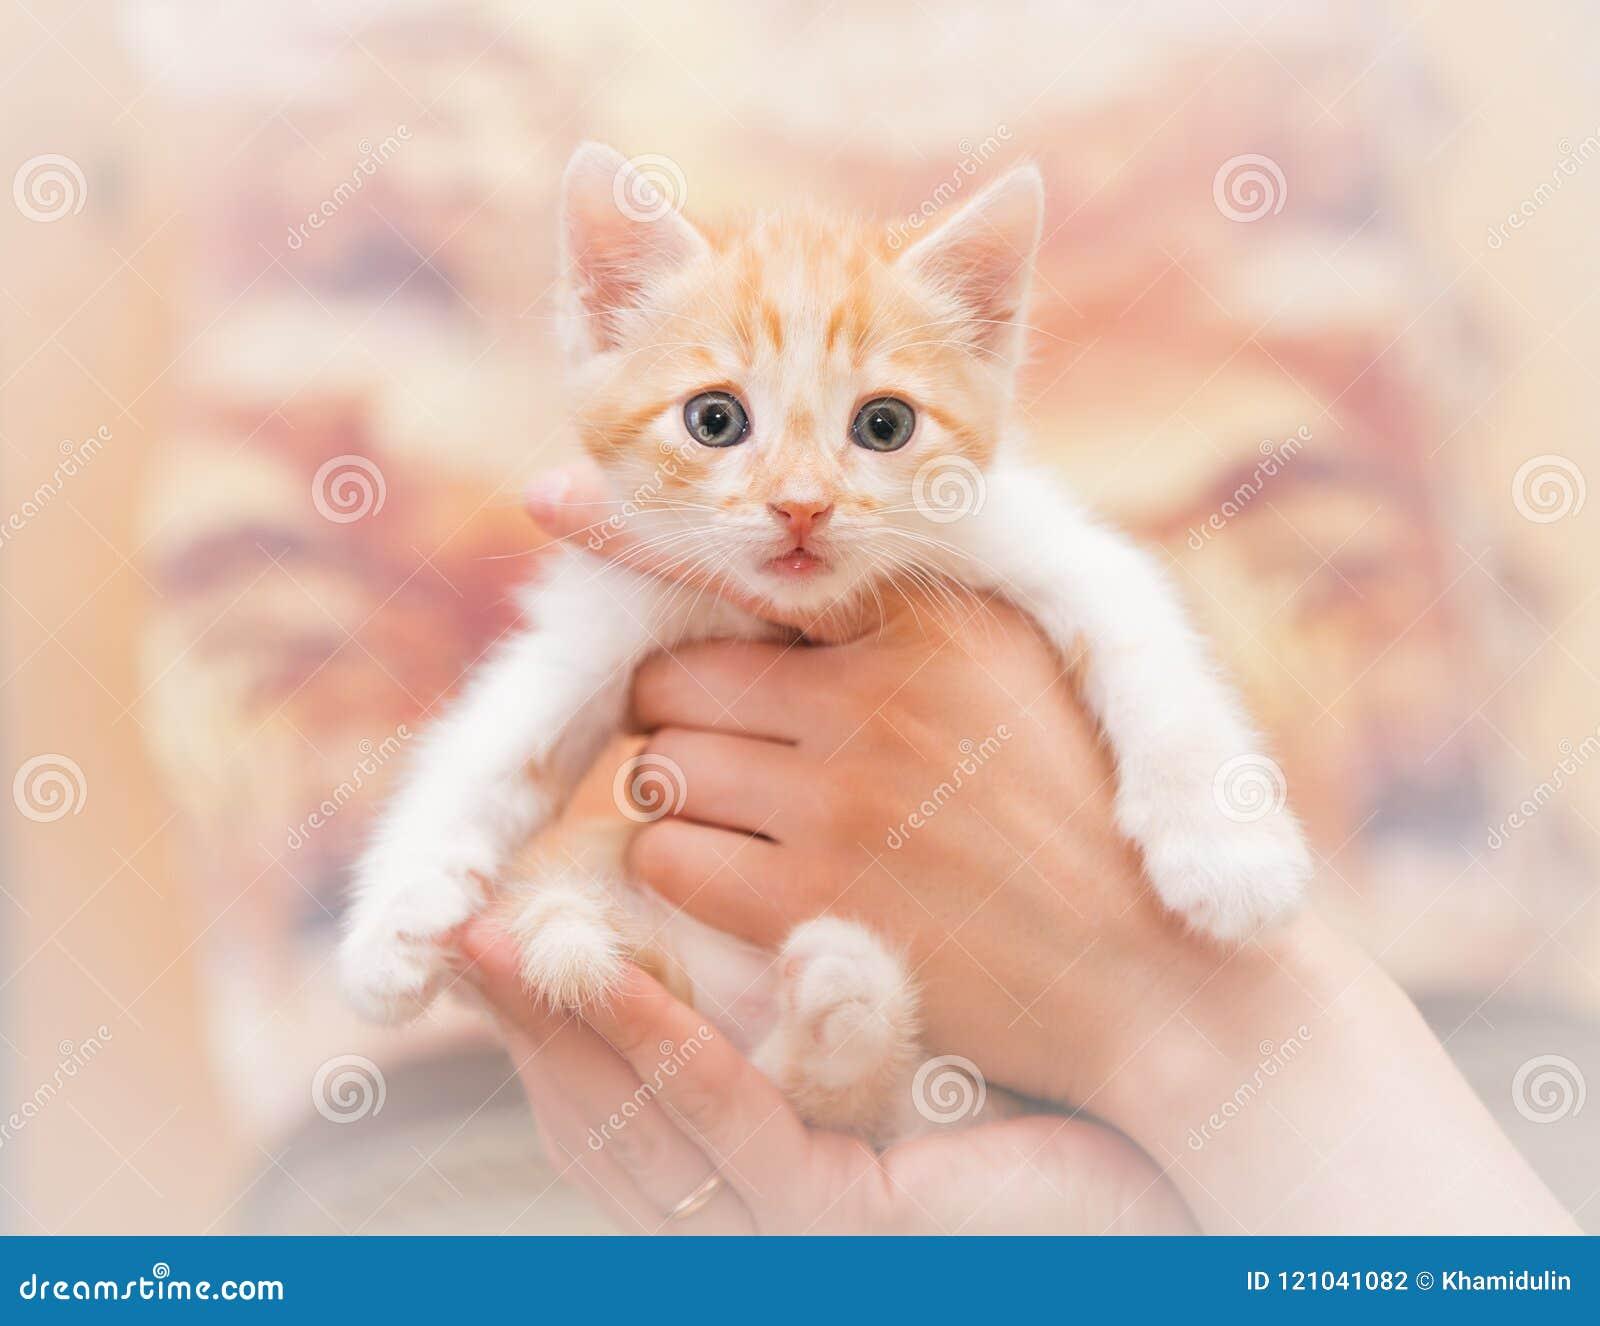 人的手小心地拿着一只小小猫